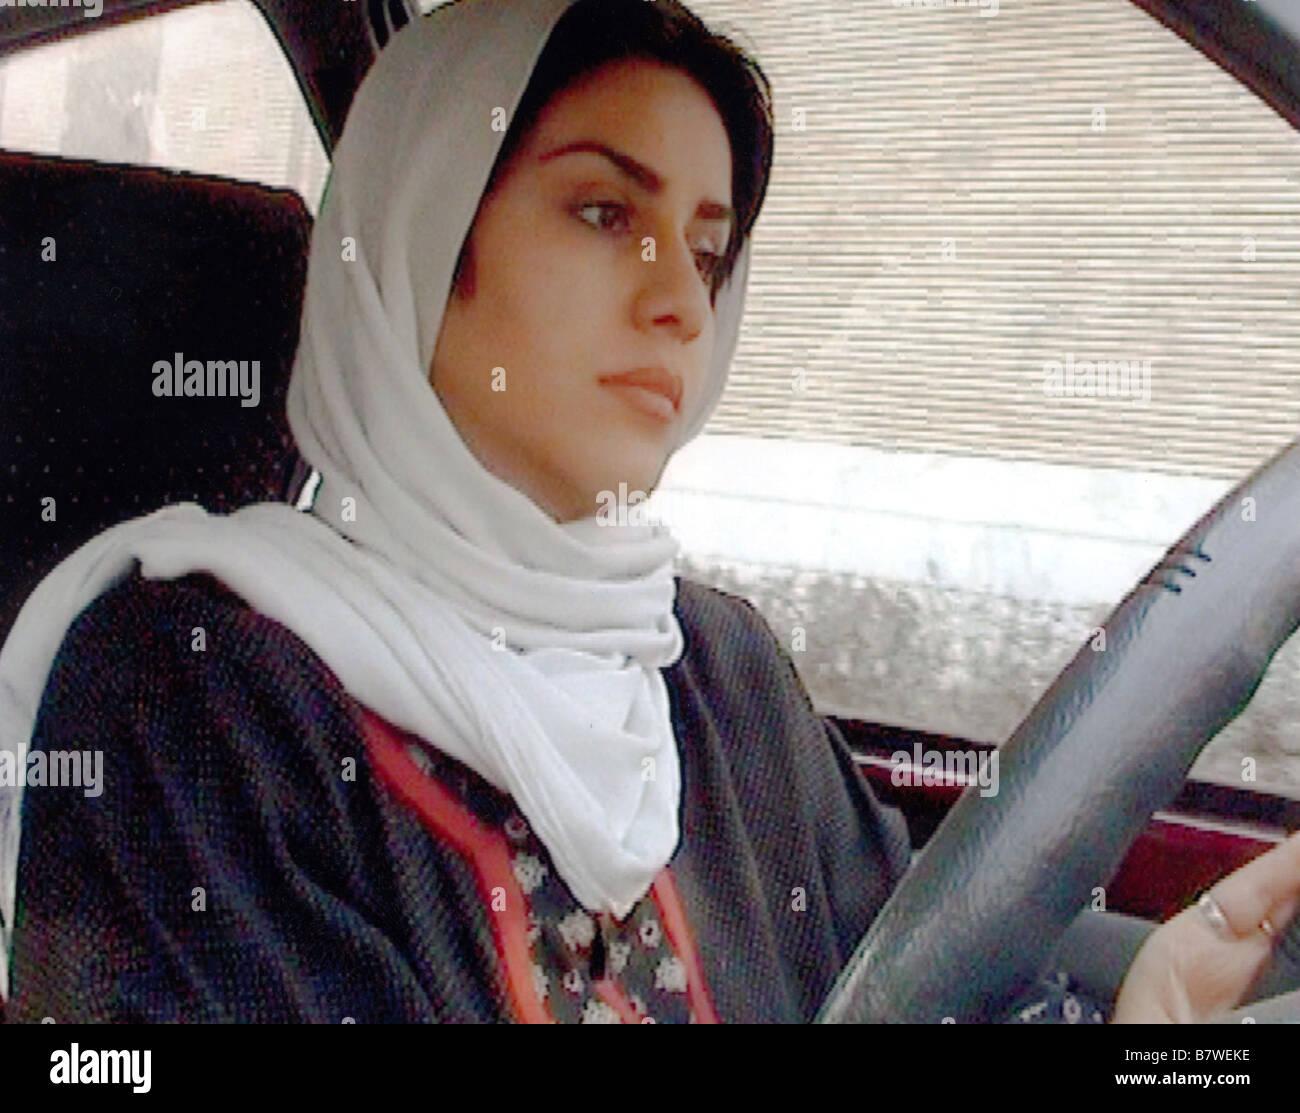 Ten Year: 2002 Iran Director: Abbas Kiarostami Mania Akbari - Stock Image